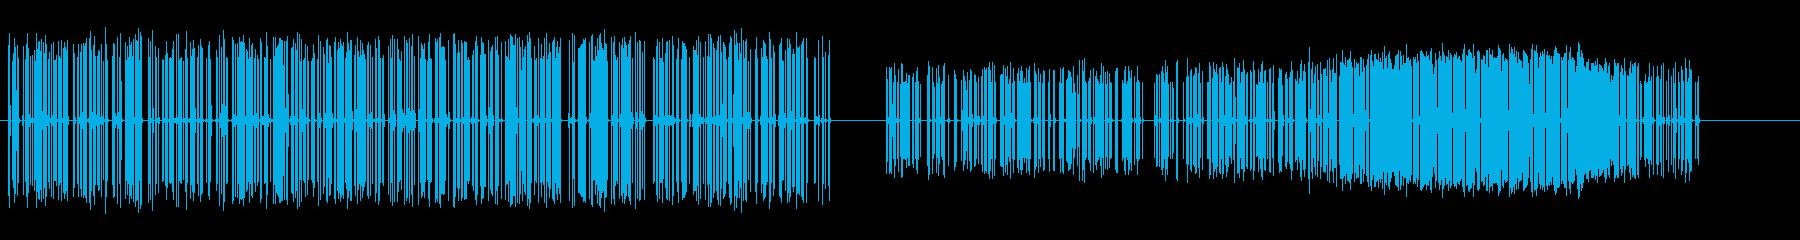 間欠泉高強度および極度強度カウンターの再生済みの波形